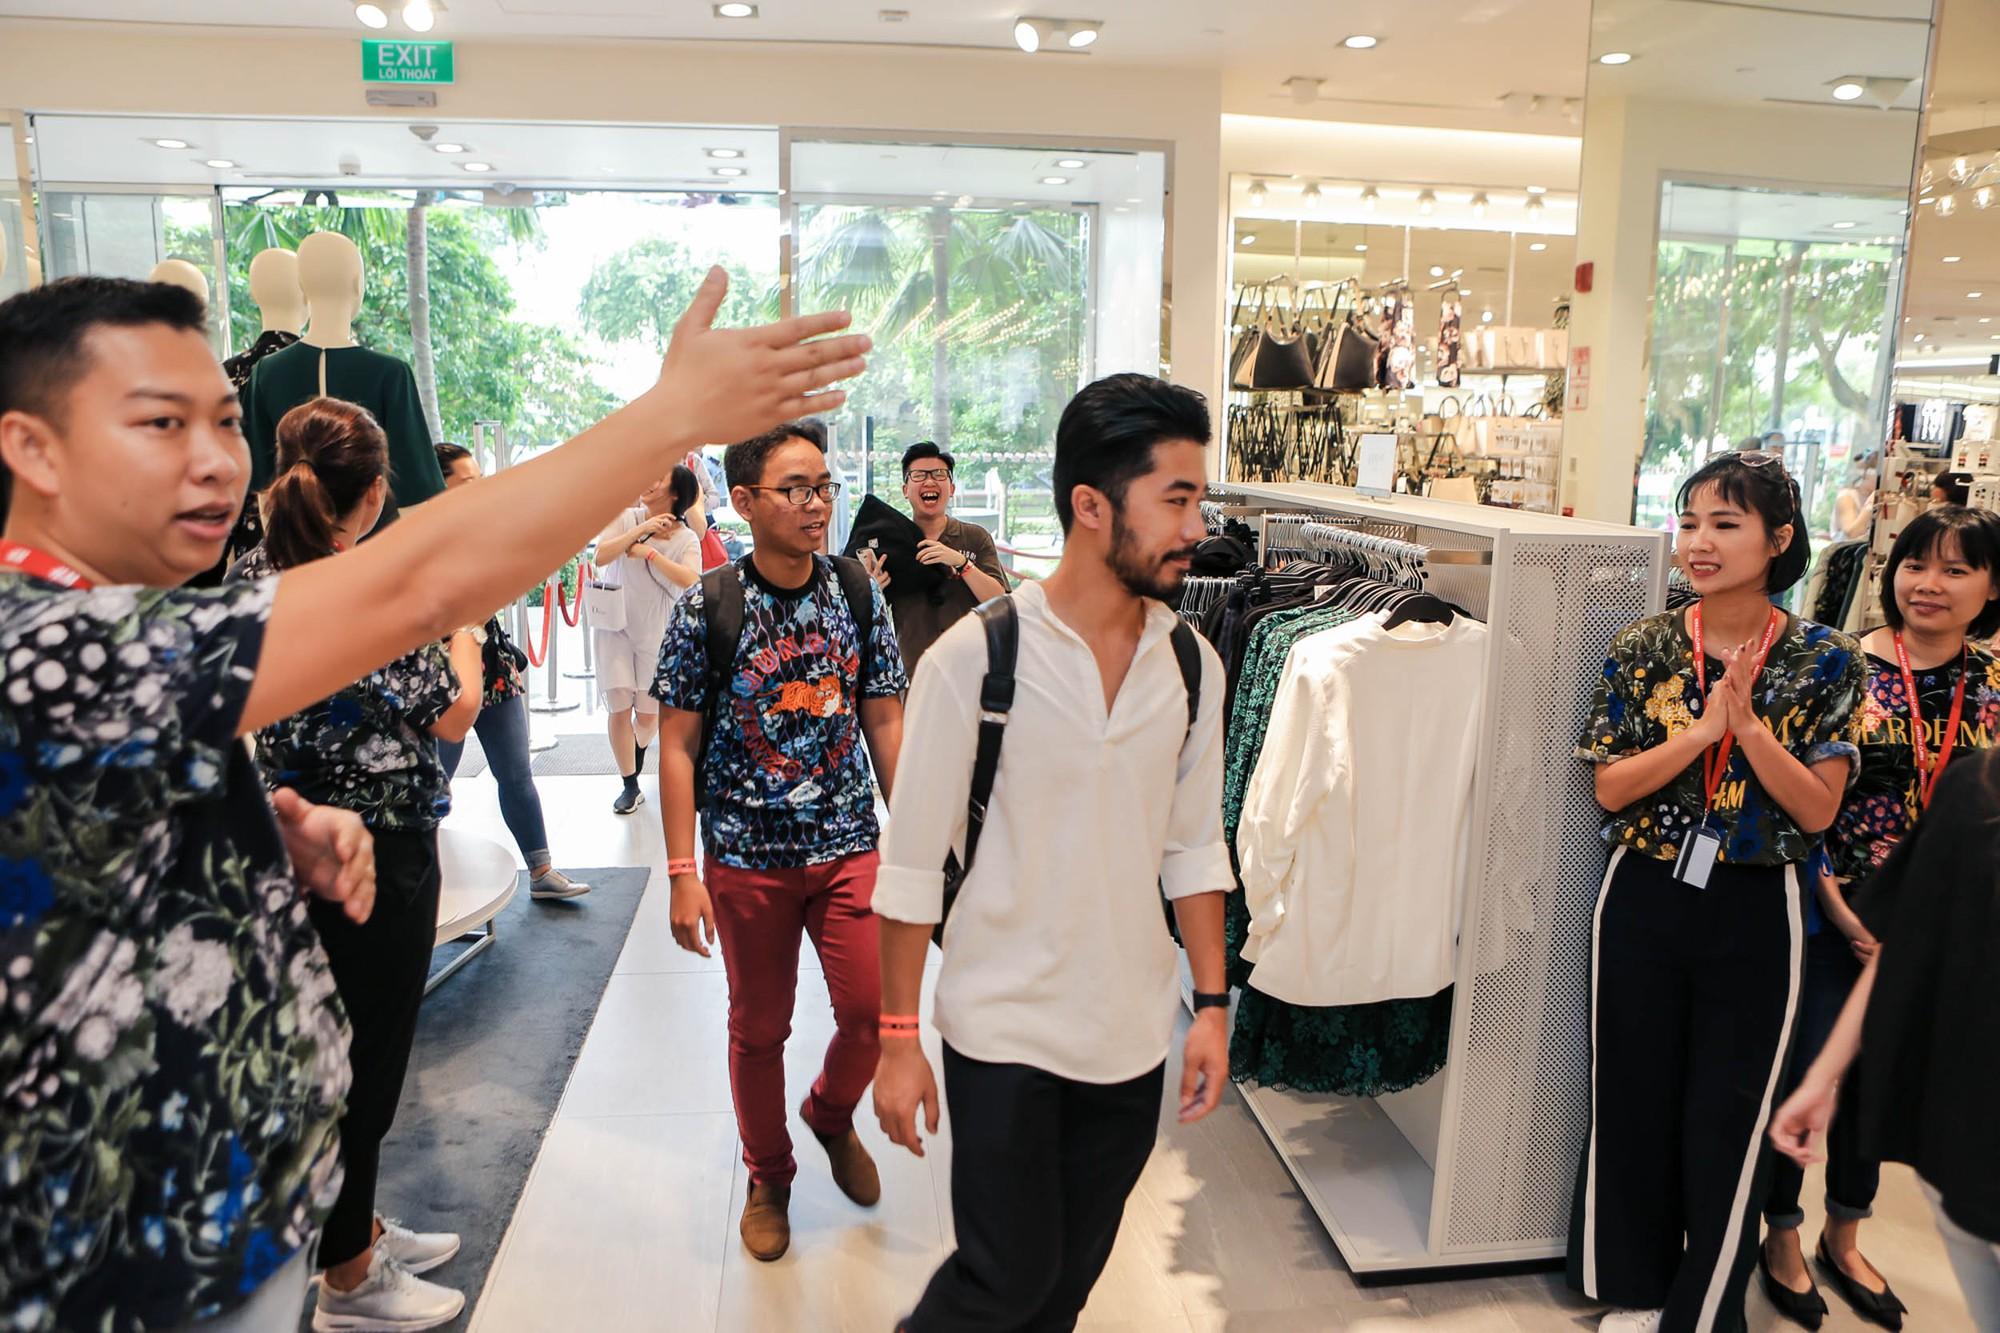 BST ERDEM x H&M chính thức được bày bán tại Vincom Đồng Khởi